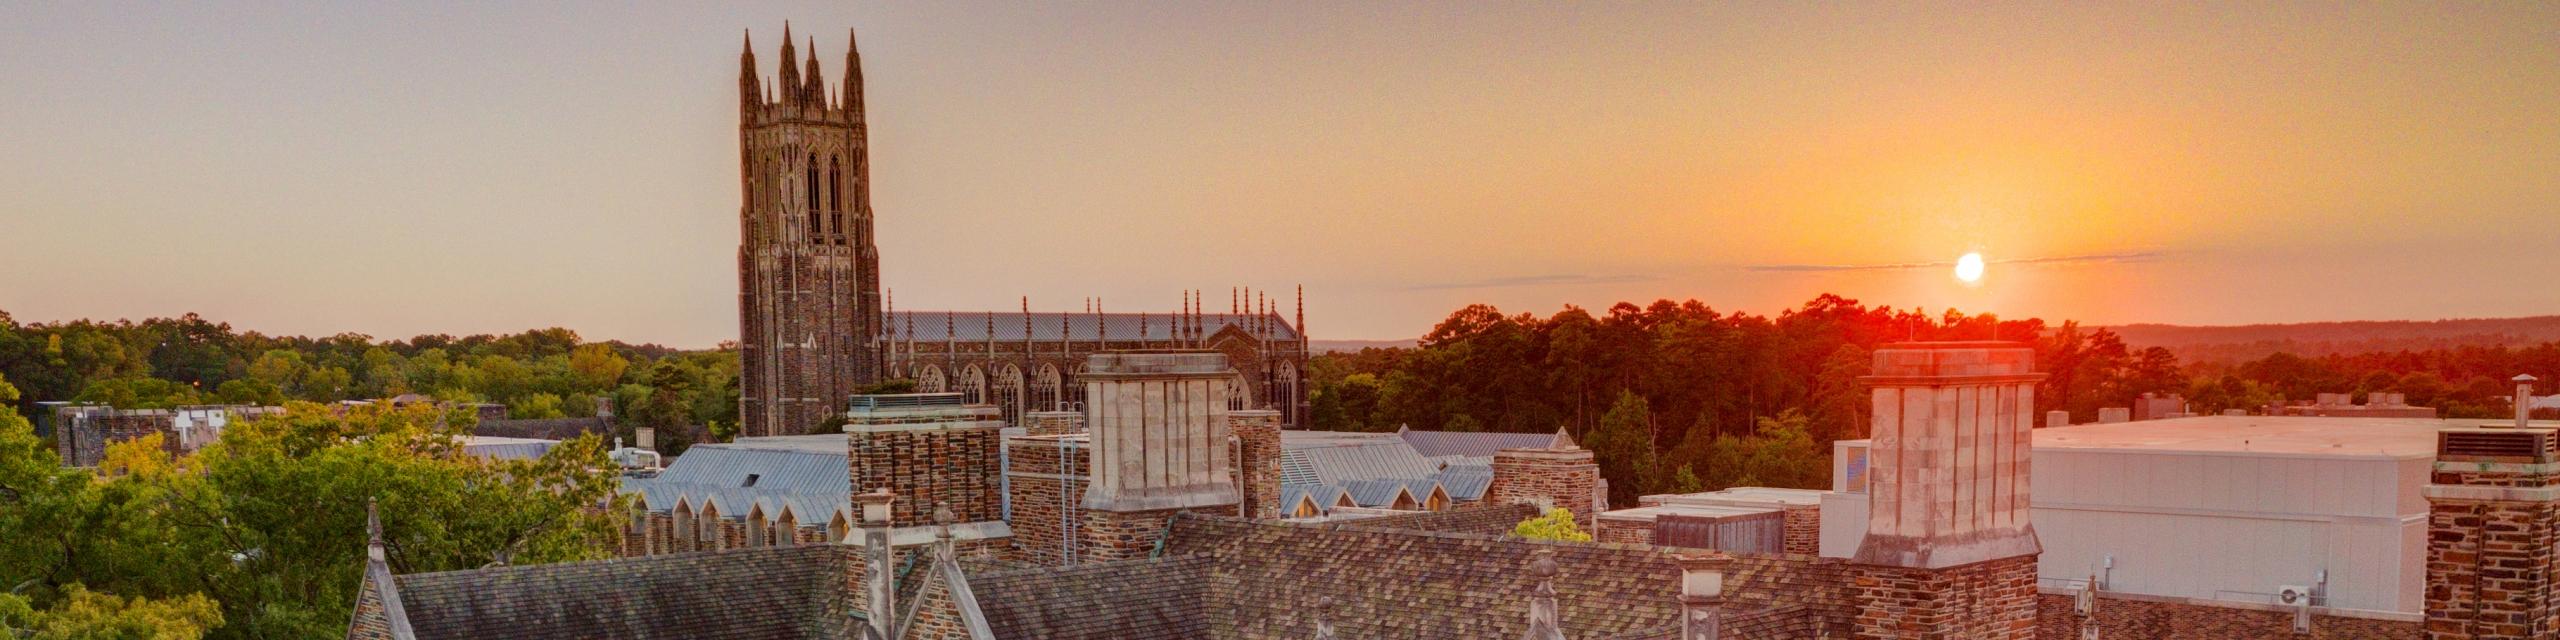 sunrise over Duke University